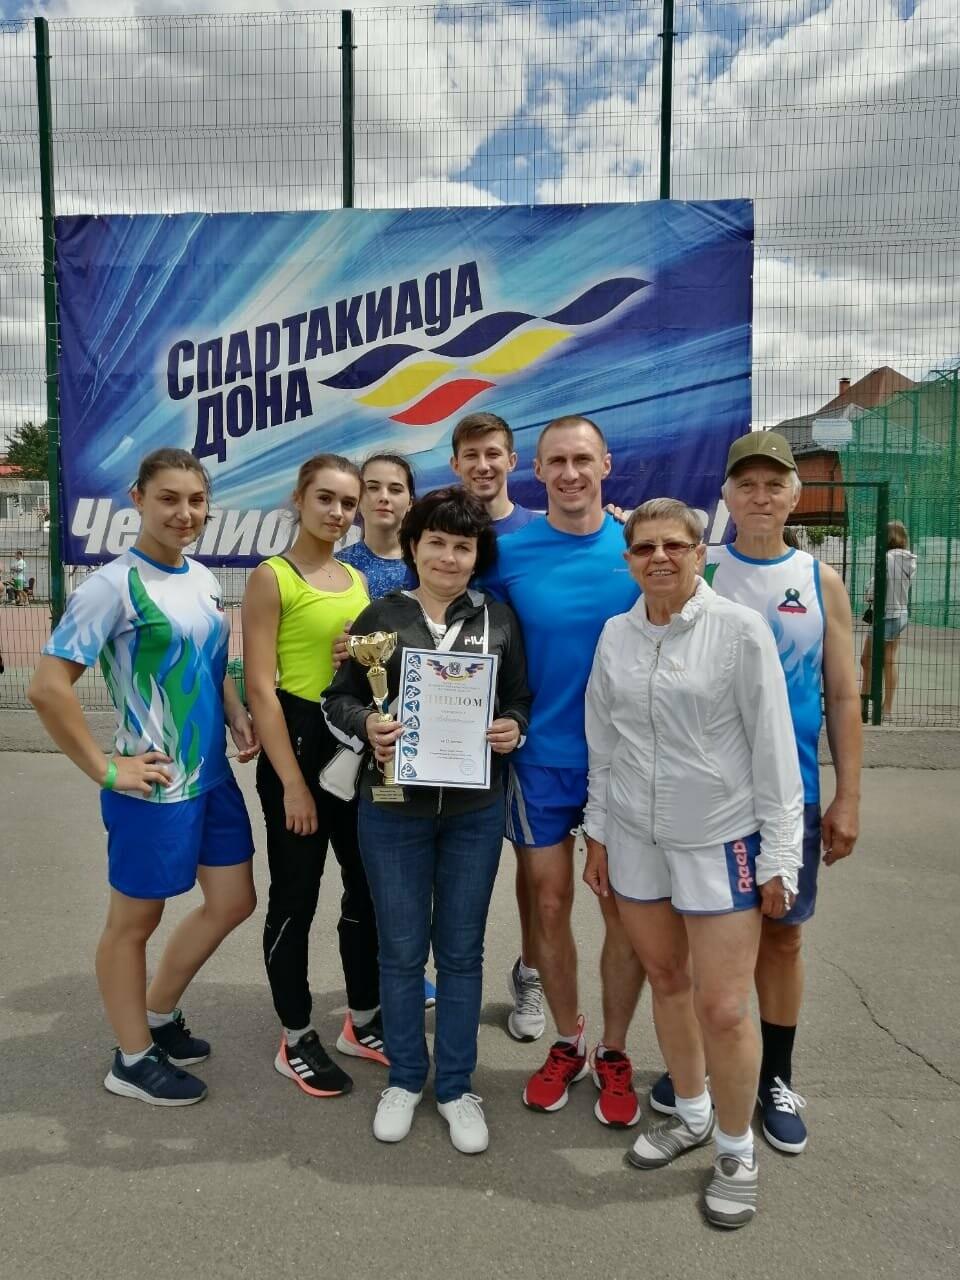 Новошахтинские спортсмены вышли в финальный этап Спартакиады Дона, фото-5